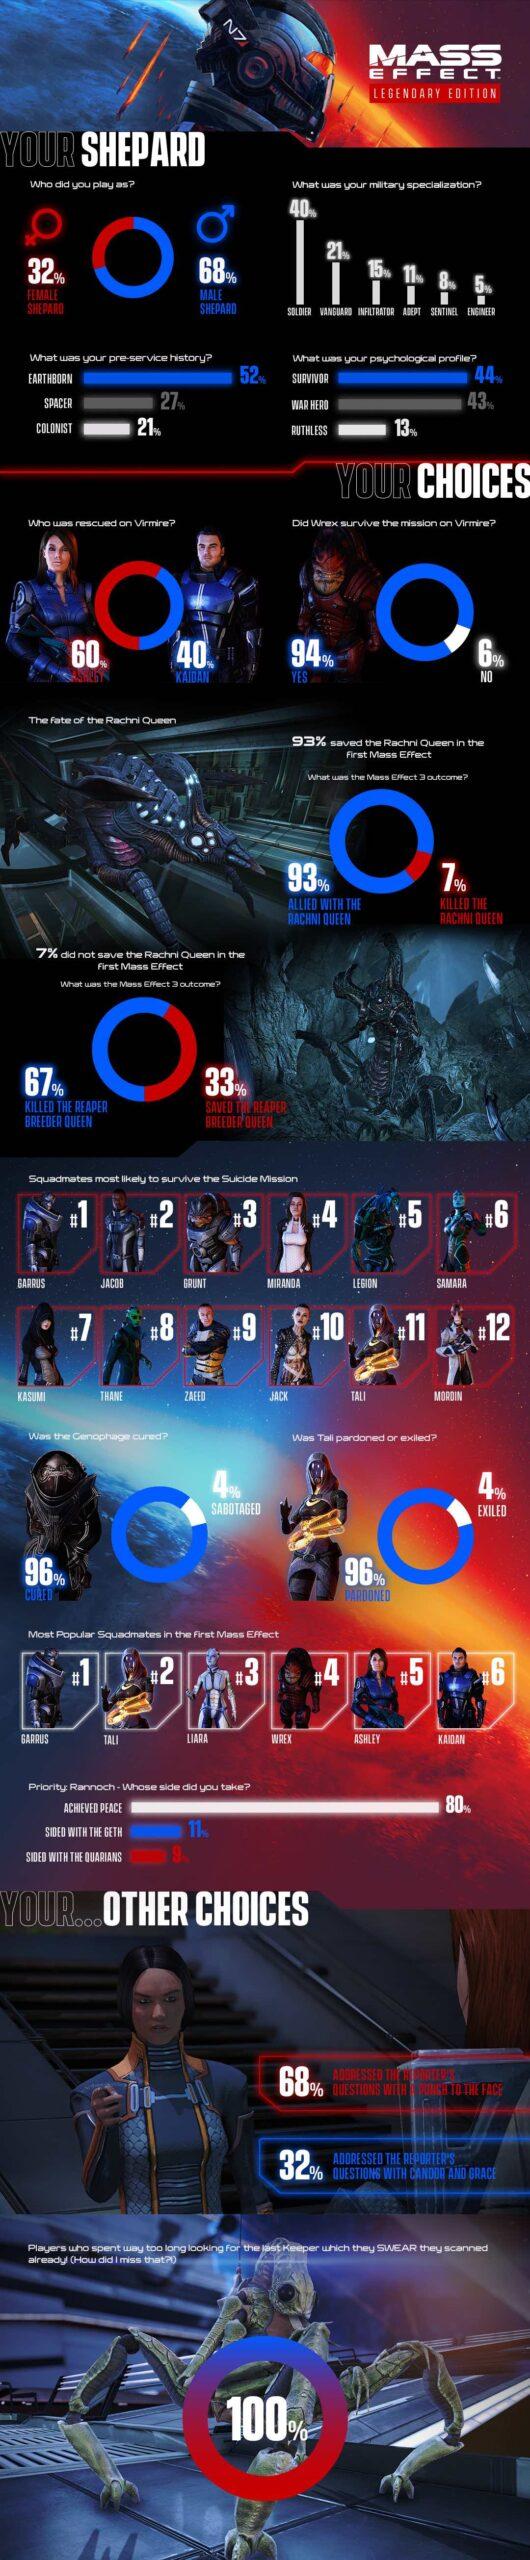 Mass Effect Legenday Edition Infografica Shepard